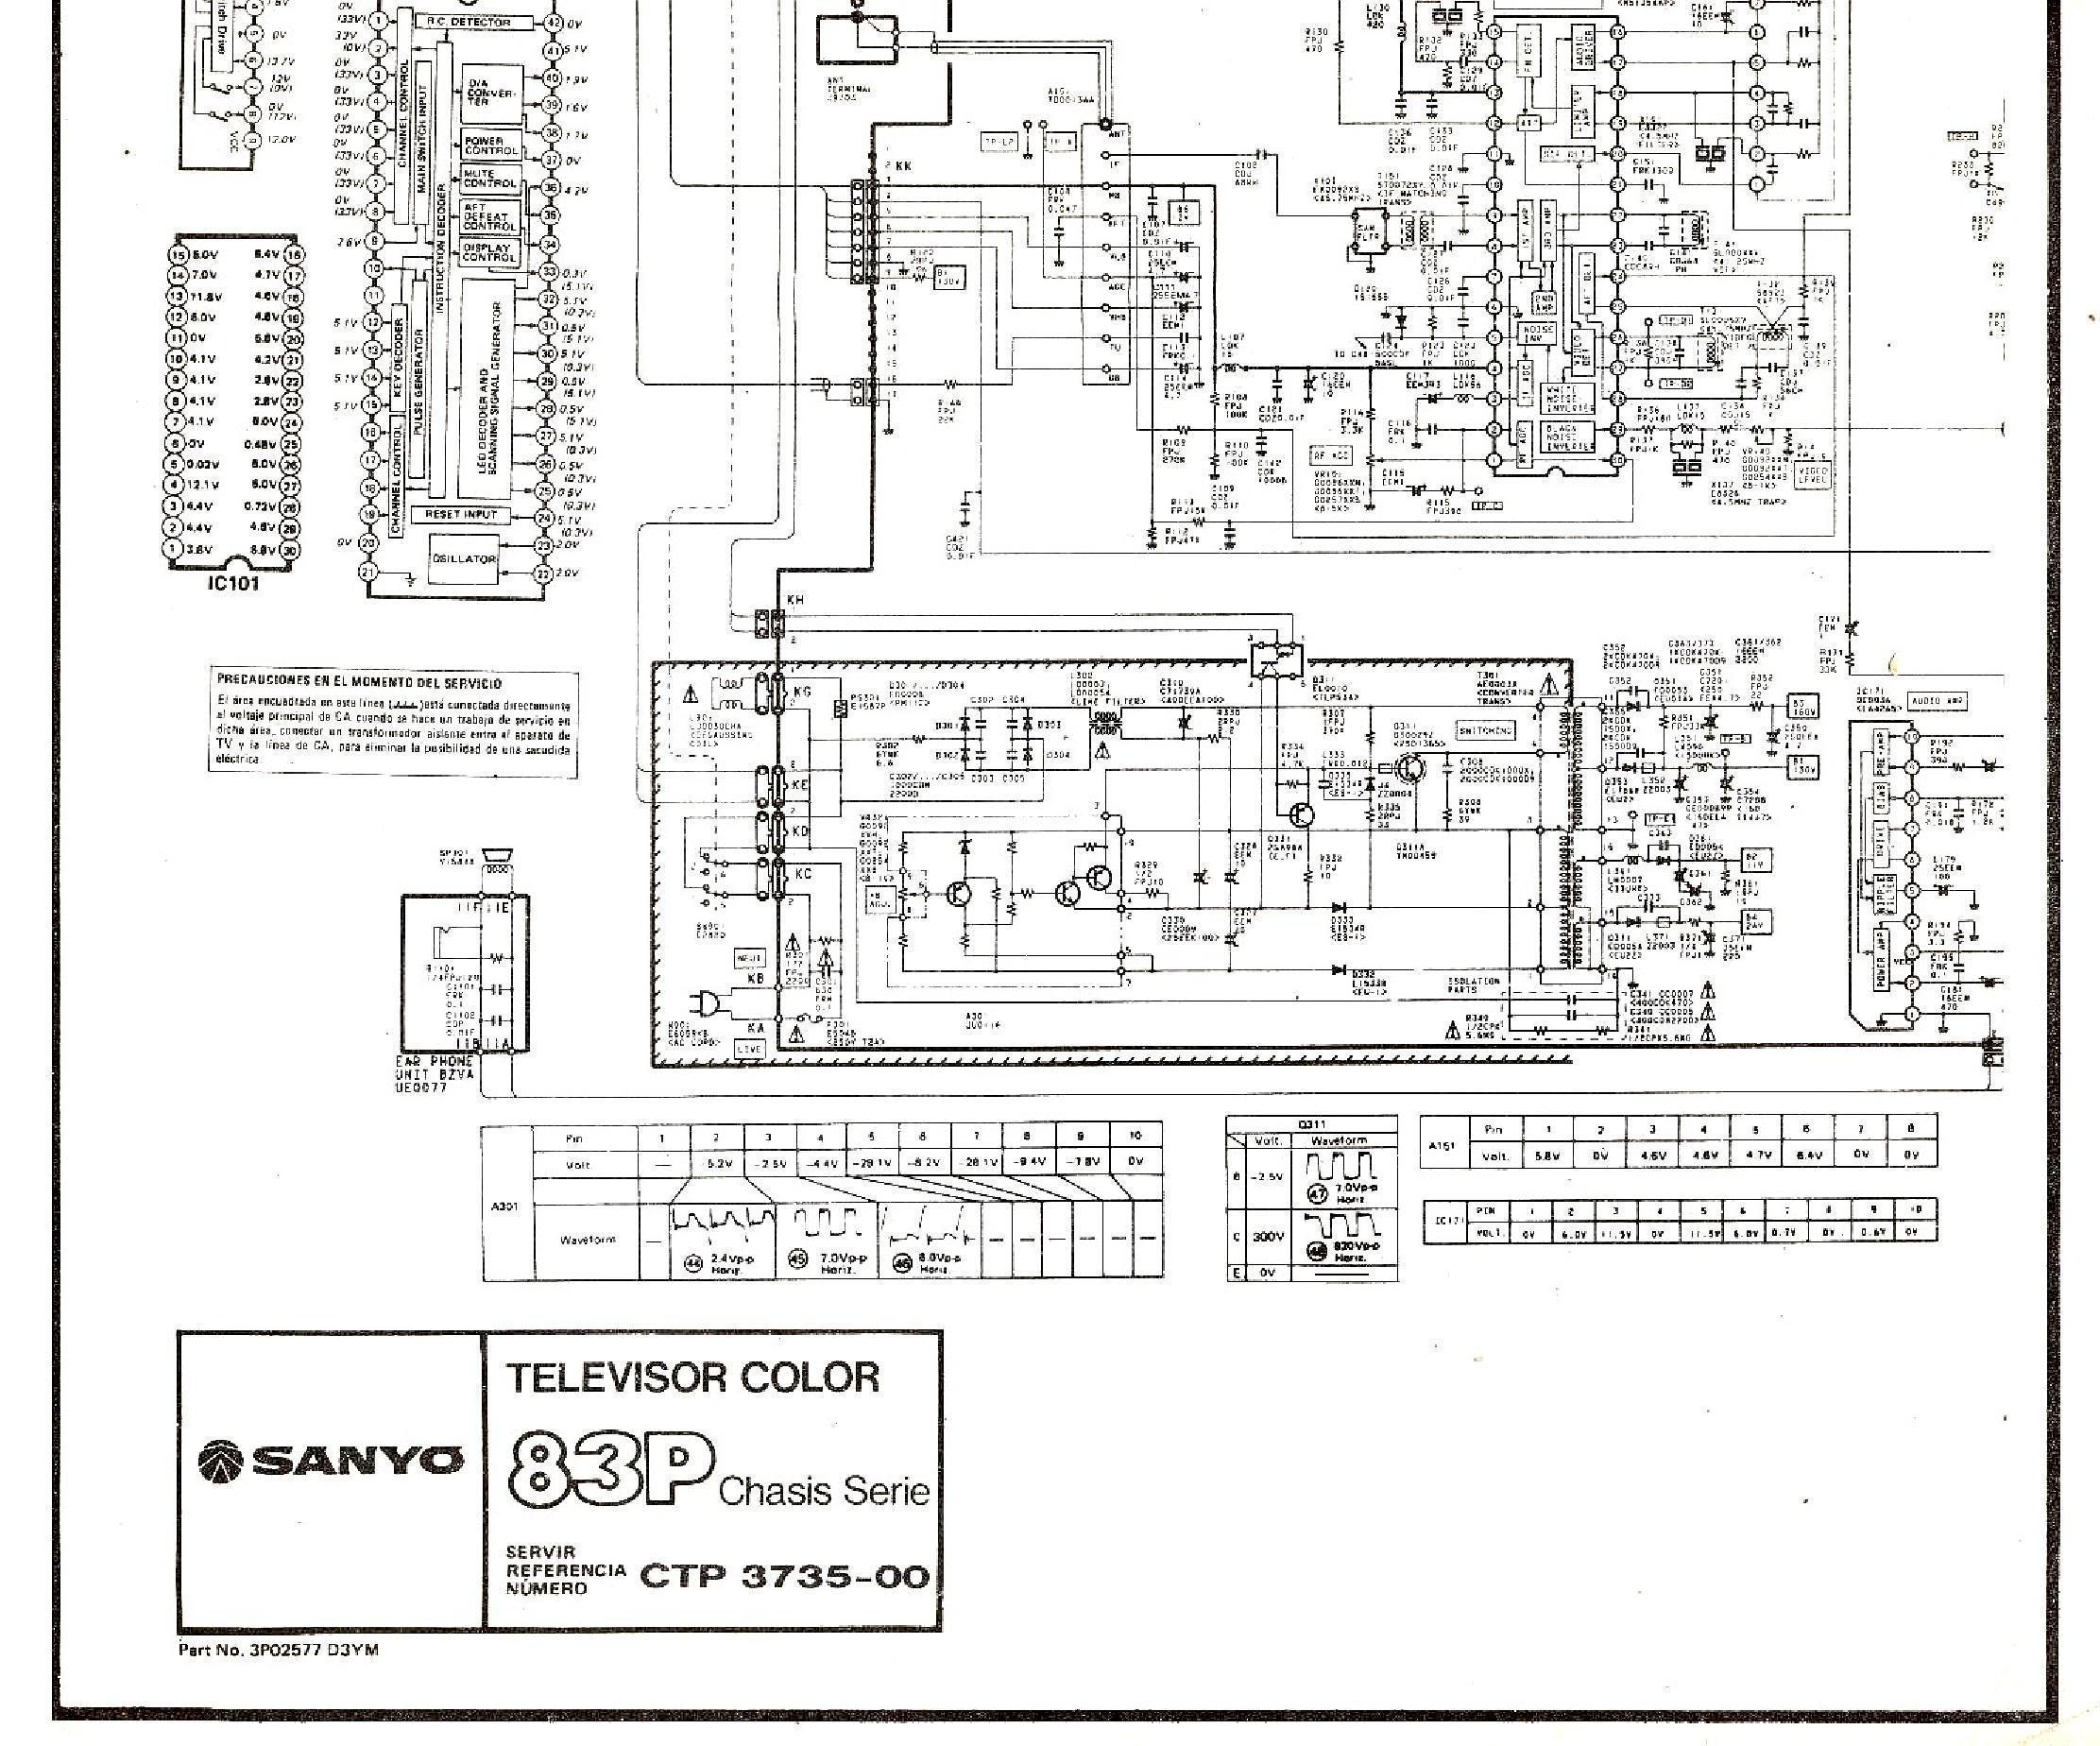 SANYO SANYO CPT3735 001 jpg Diagramas de Televisores Lcd y